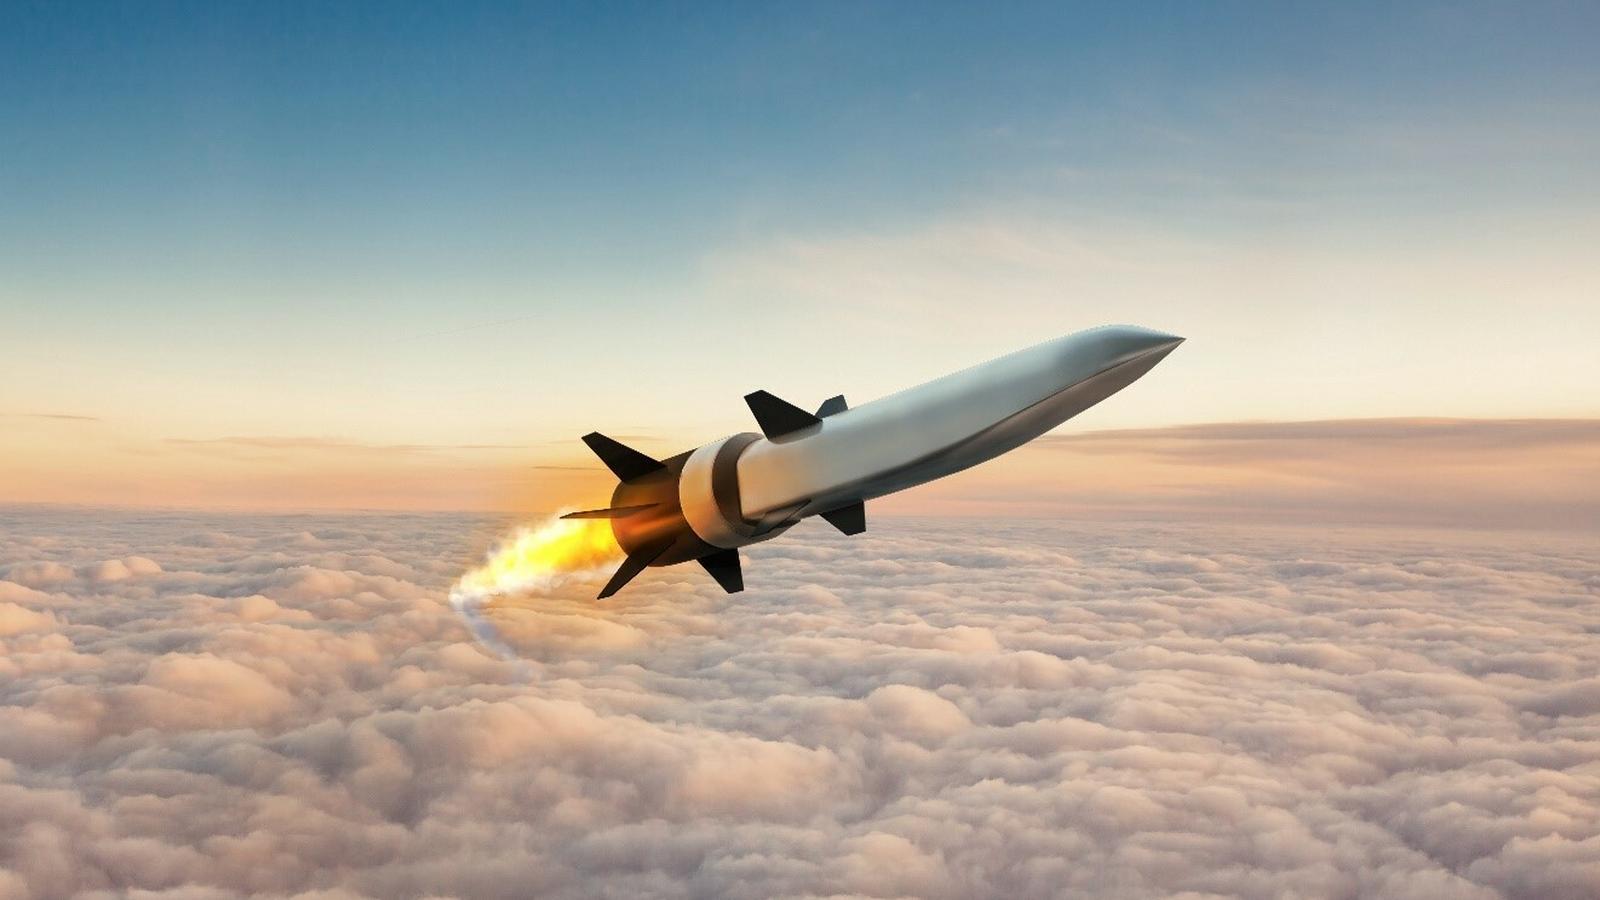 Udany test hipersonicznego pocisku US Army. Broń osiągnęła prędkość 5 machów